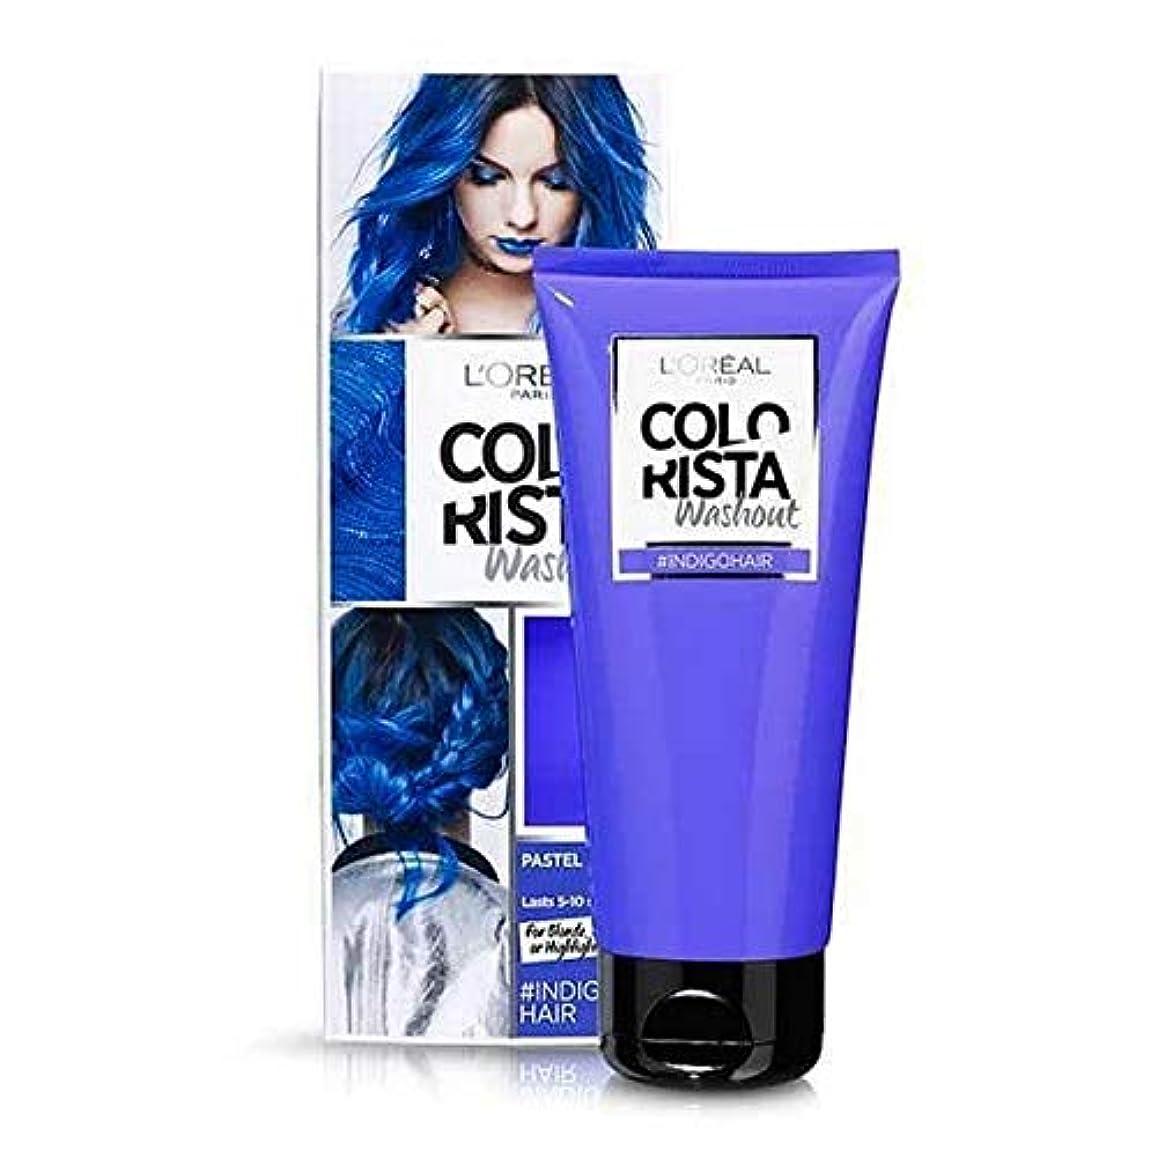 一回コミットメント記録[Colorista] 青半永久染毛剤藍Colorista洗い出し - Colorista Washout Indigo Blue Semi-Permanent Hair Dye [並行輸入品]